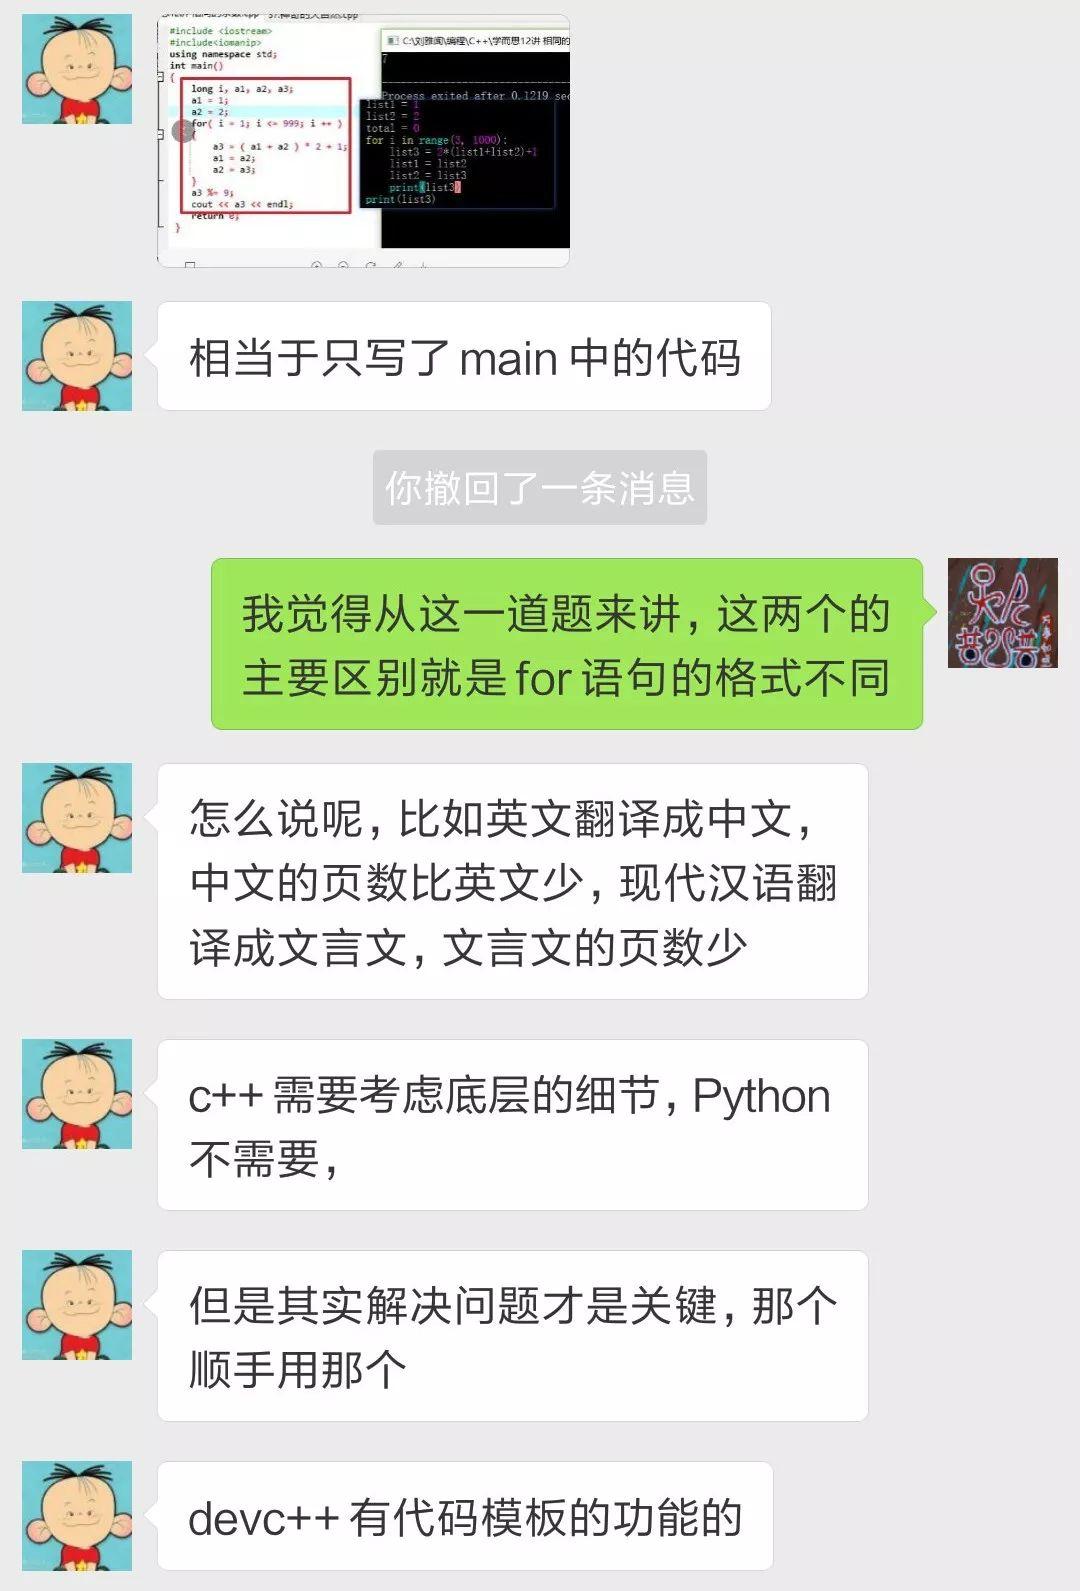 极客少年 | Python、C++难吗?5年级女孩告诉你